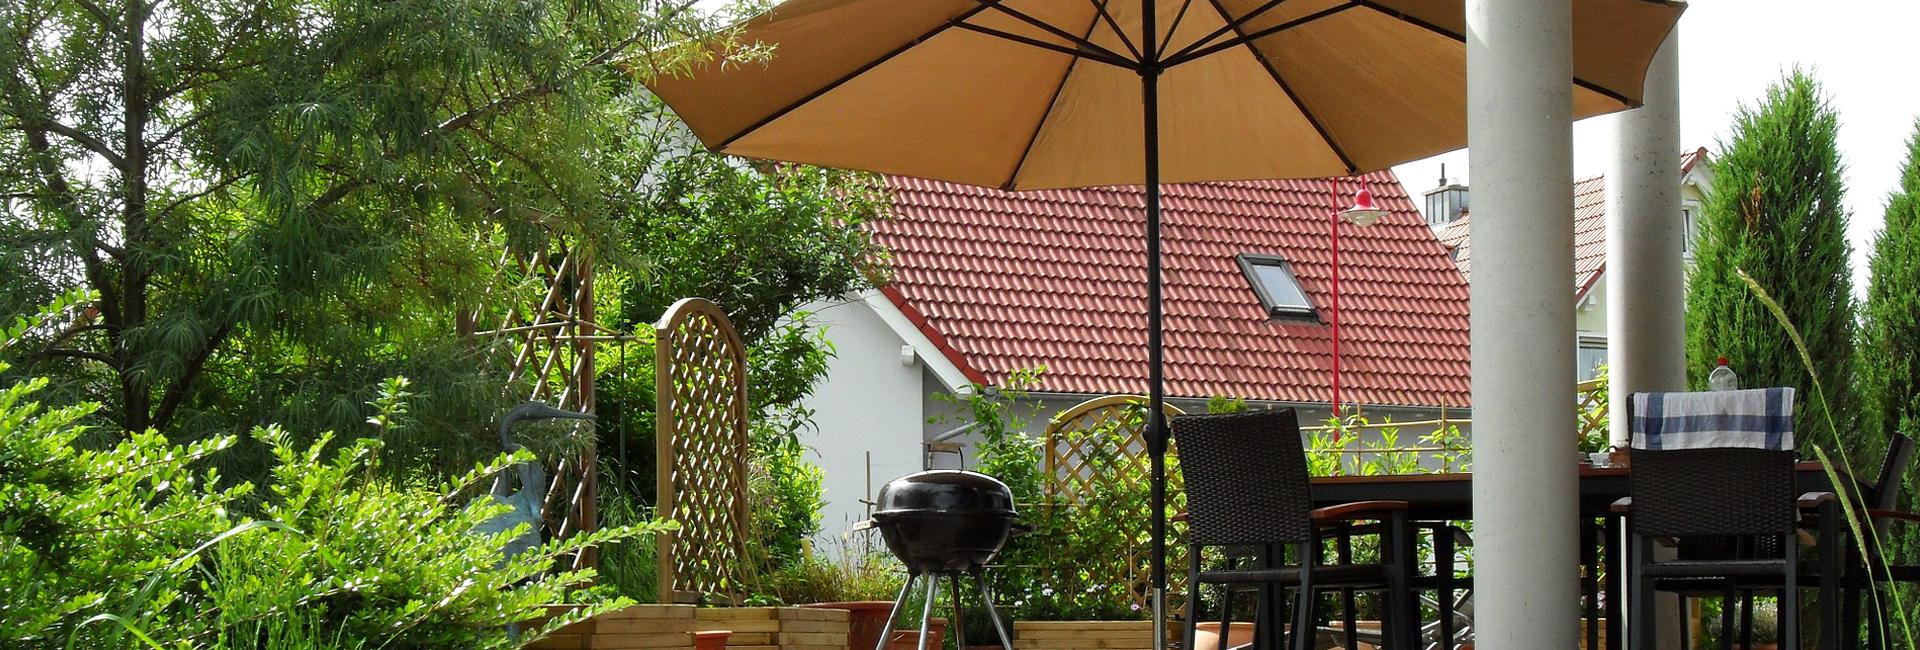 sonnenschutz f r terrasse und balkon bauspezi baumarkt. Black Bedroom Furniture Sets. Home Design Ideas